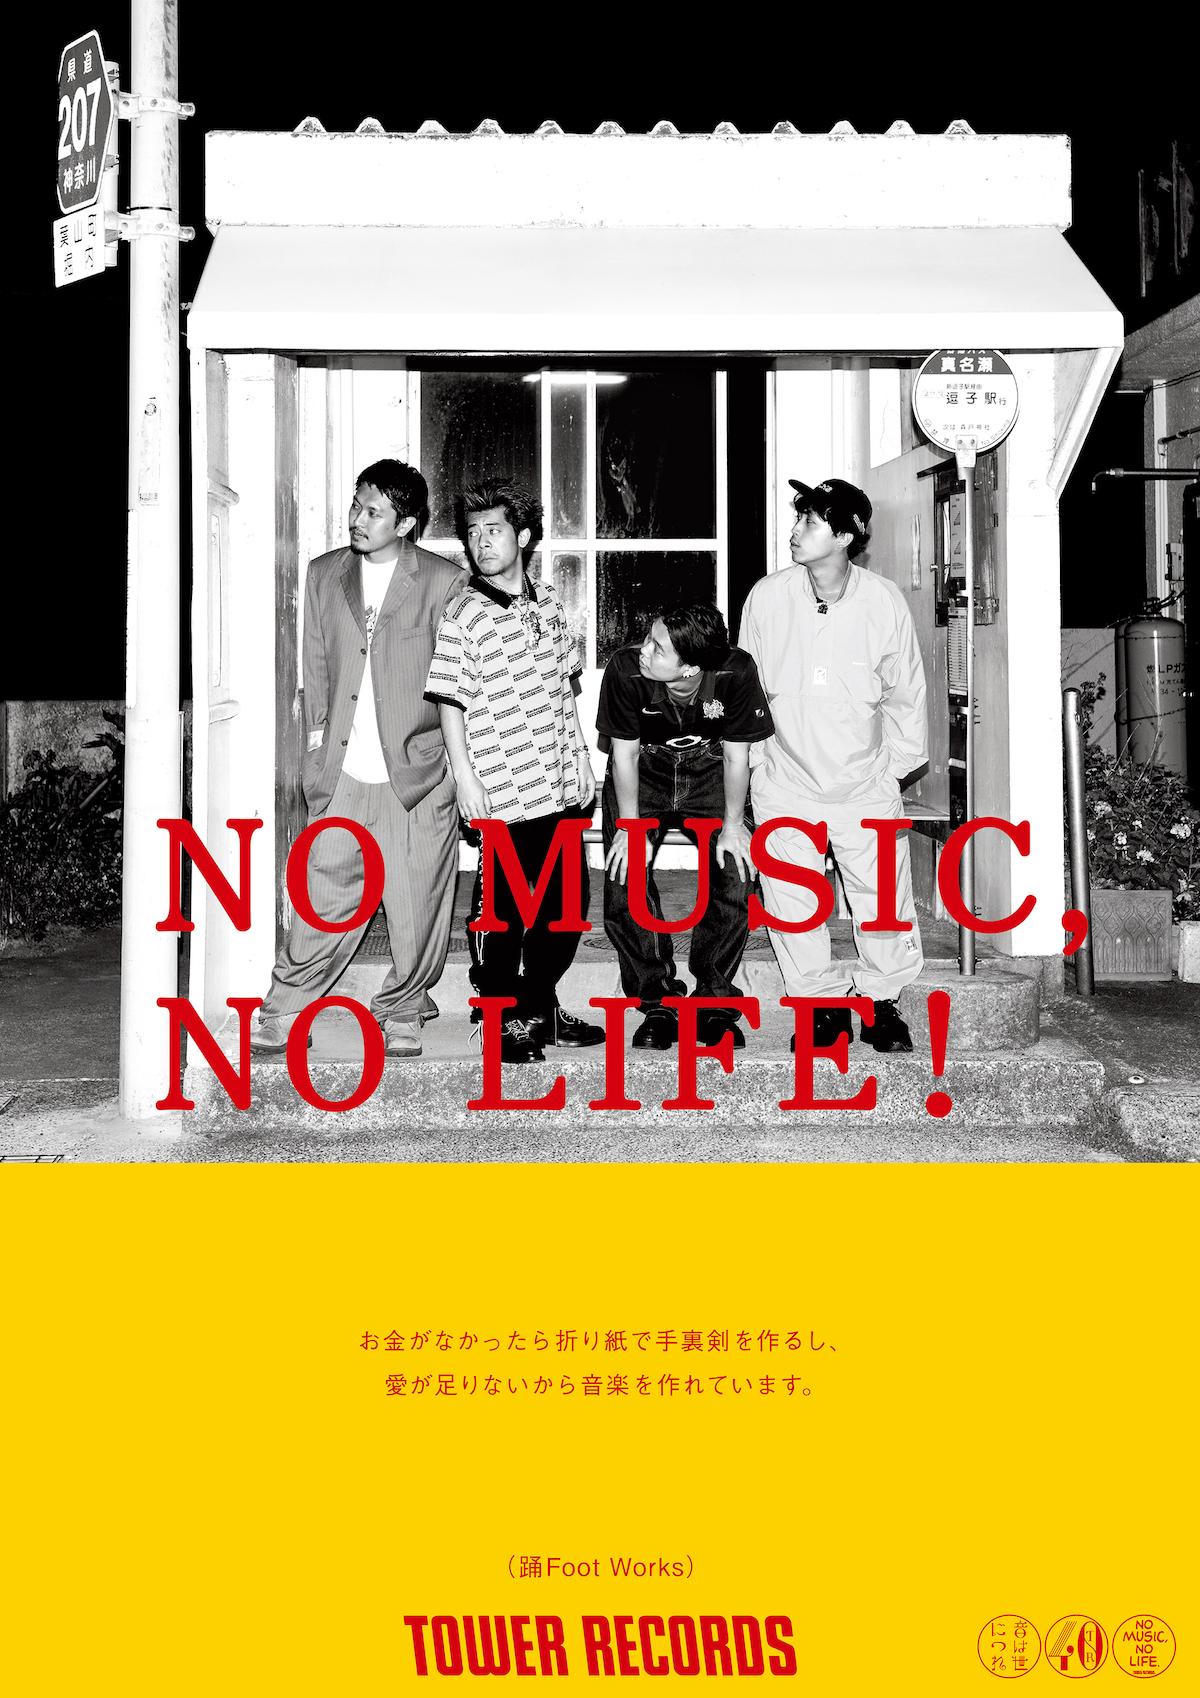 踊Foot Worksがタワレコポスターシリーズ「NO MUSIC, NO LIFE.」に登場|7月3日には2枚組CD『GOKOH + KAMISAMA』をリリース oddfootwork